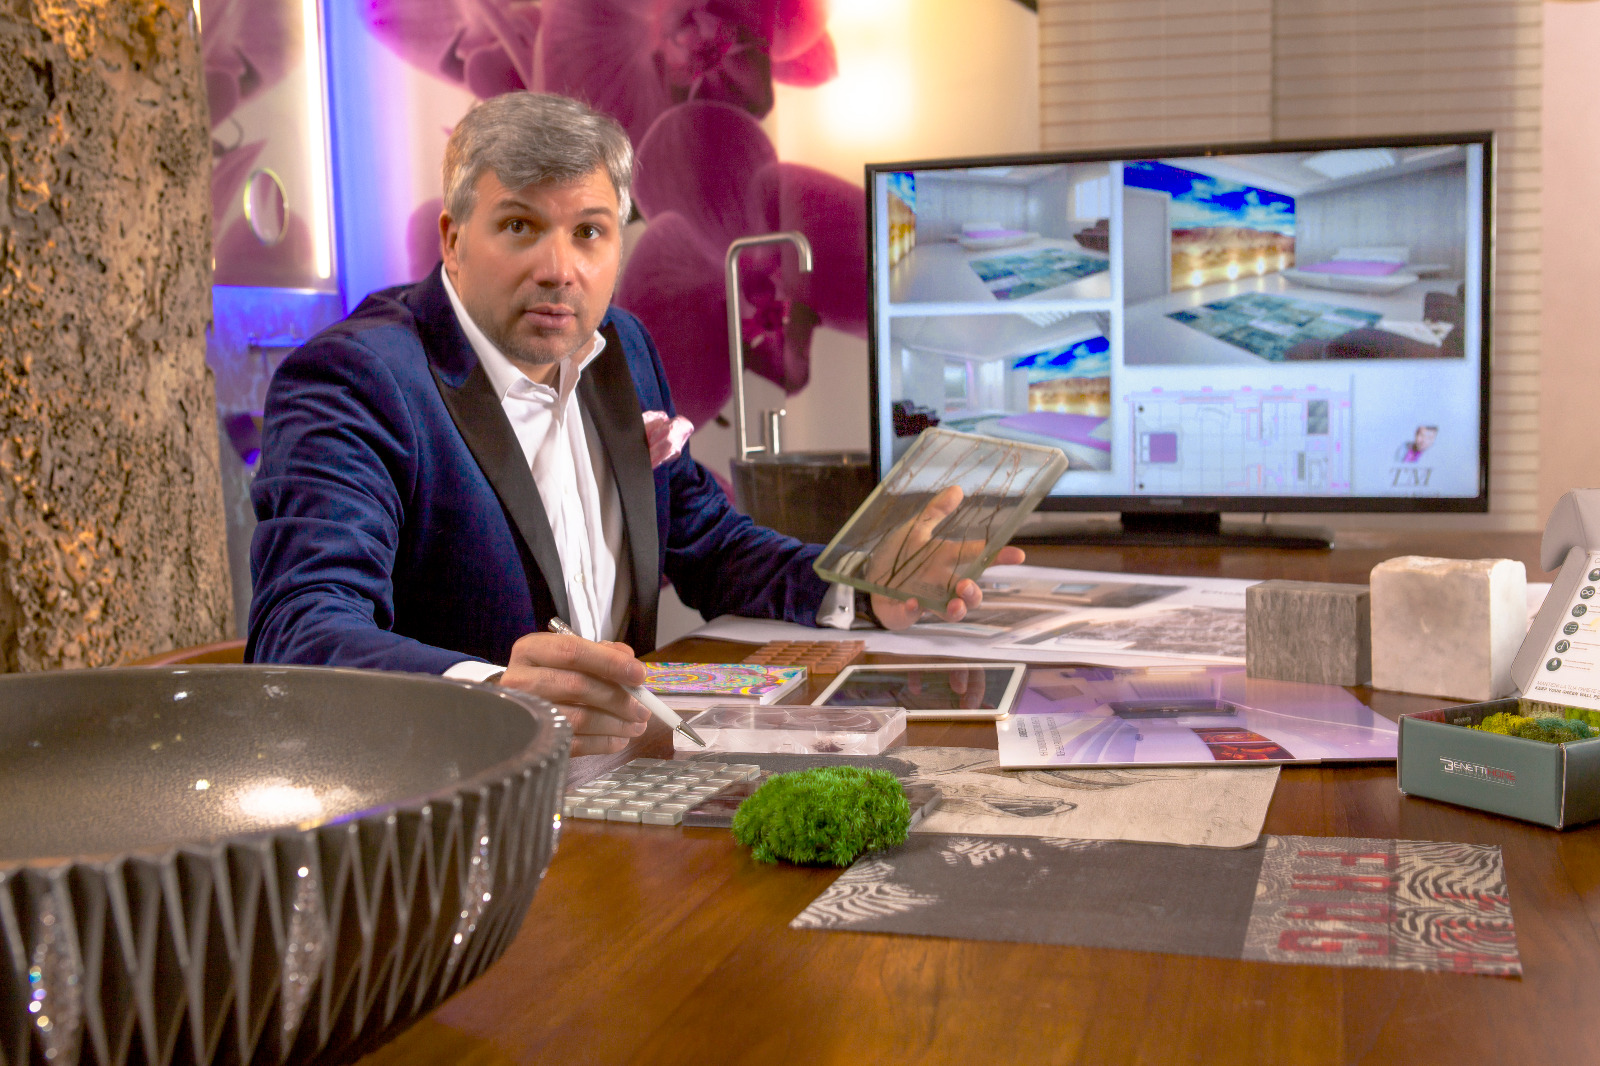 Designer Torsten Müller bei der Arbeit